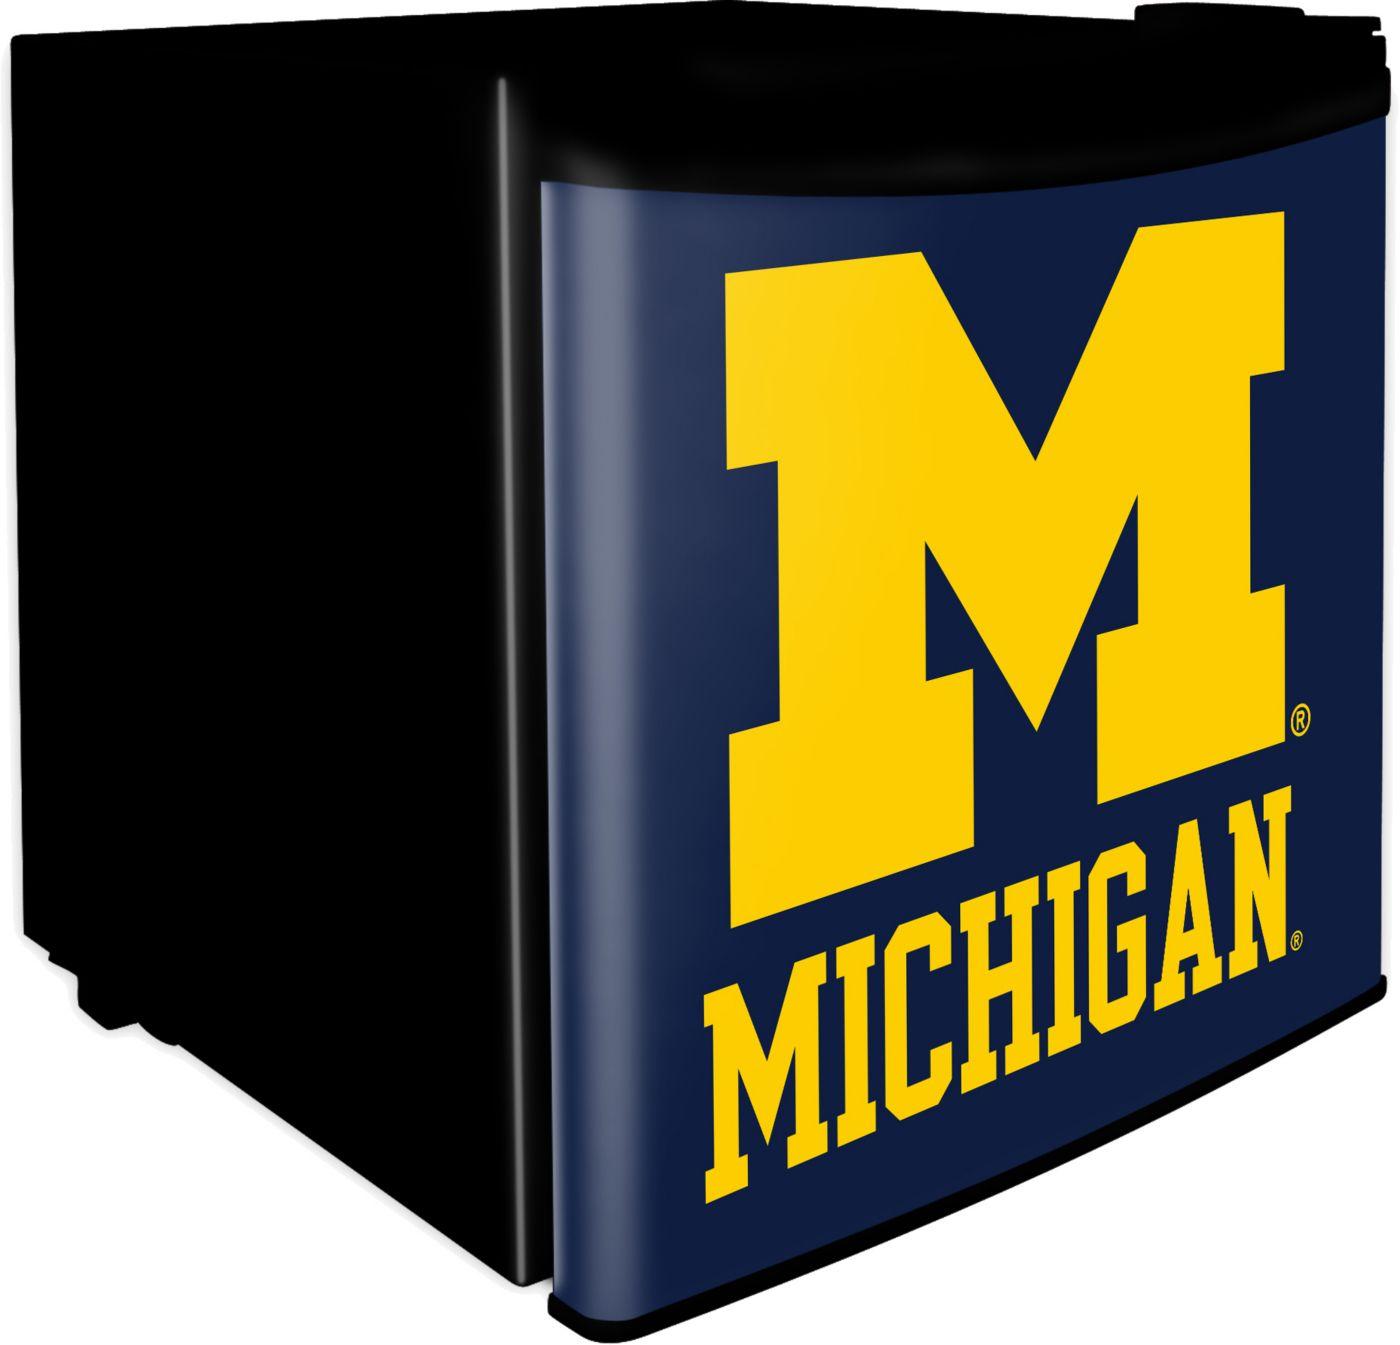 Boelter Michigan Wolverines Dorm Room Refrigerator